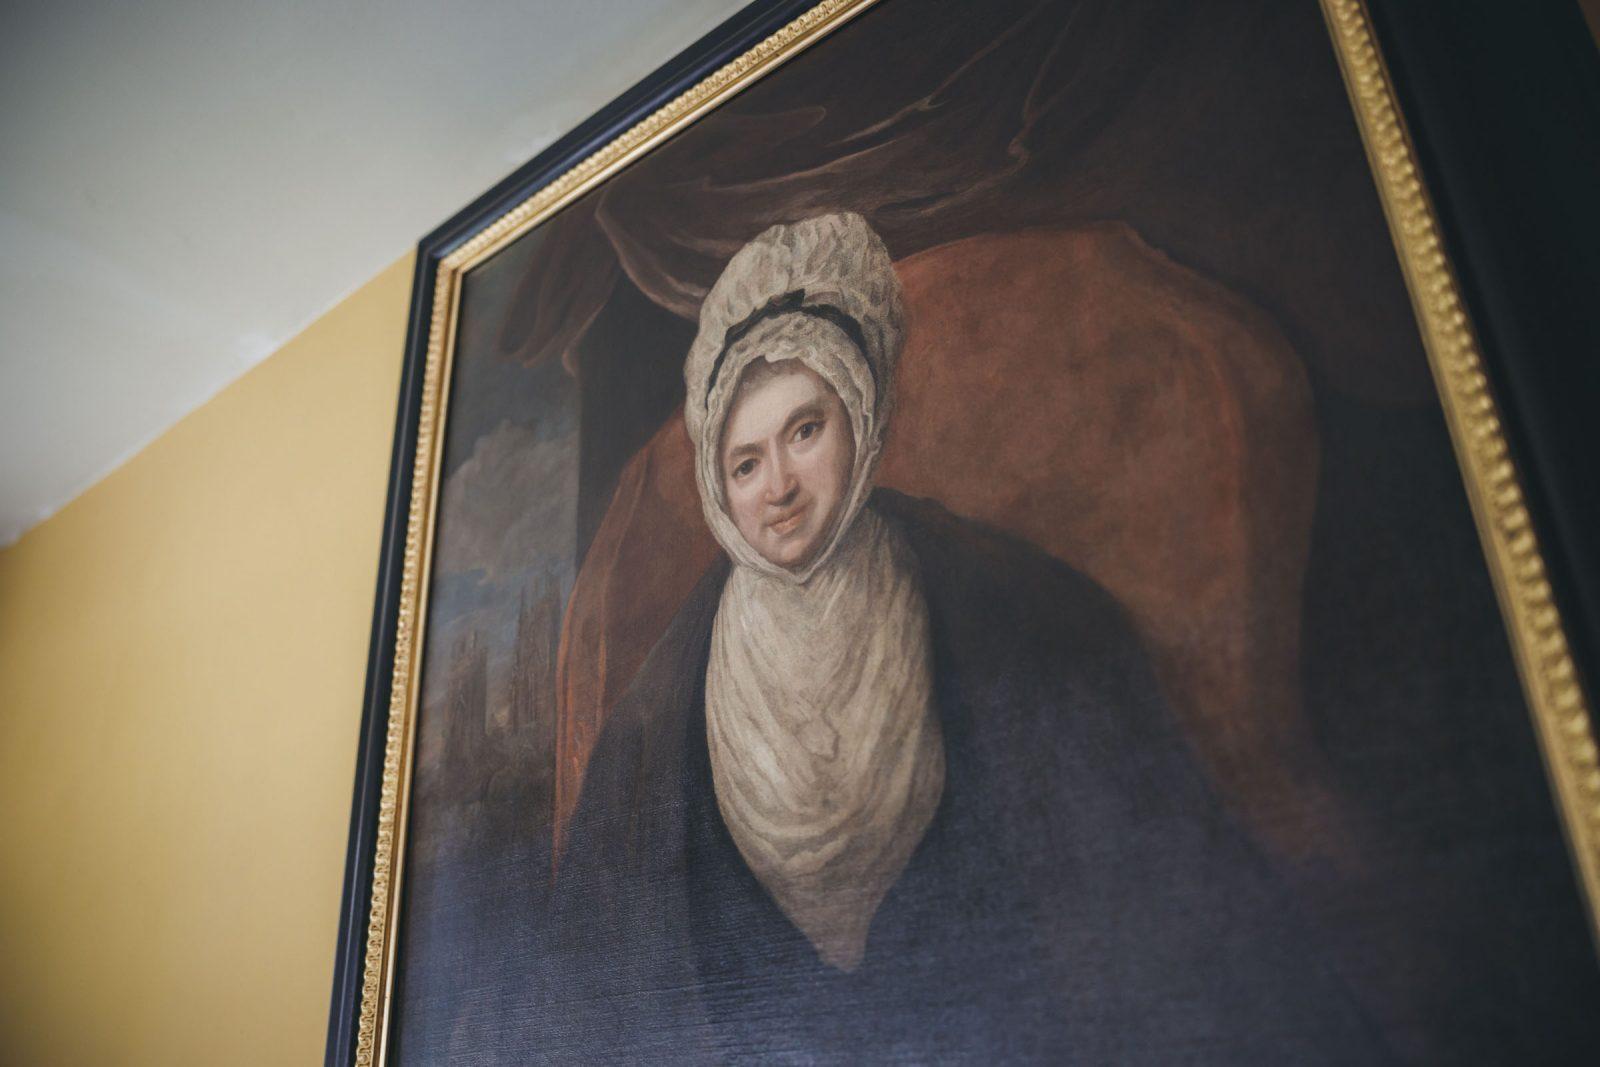 Susanna portrait